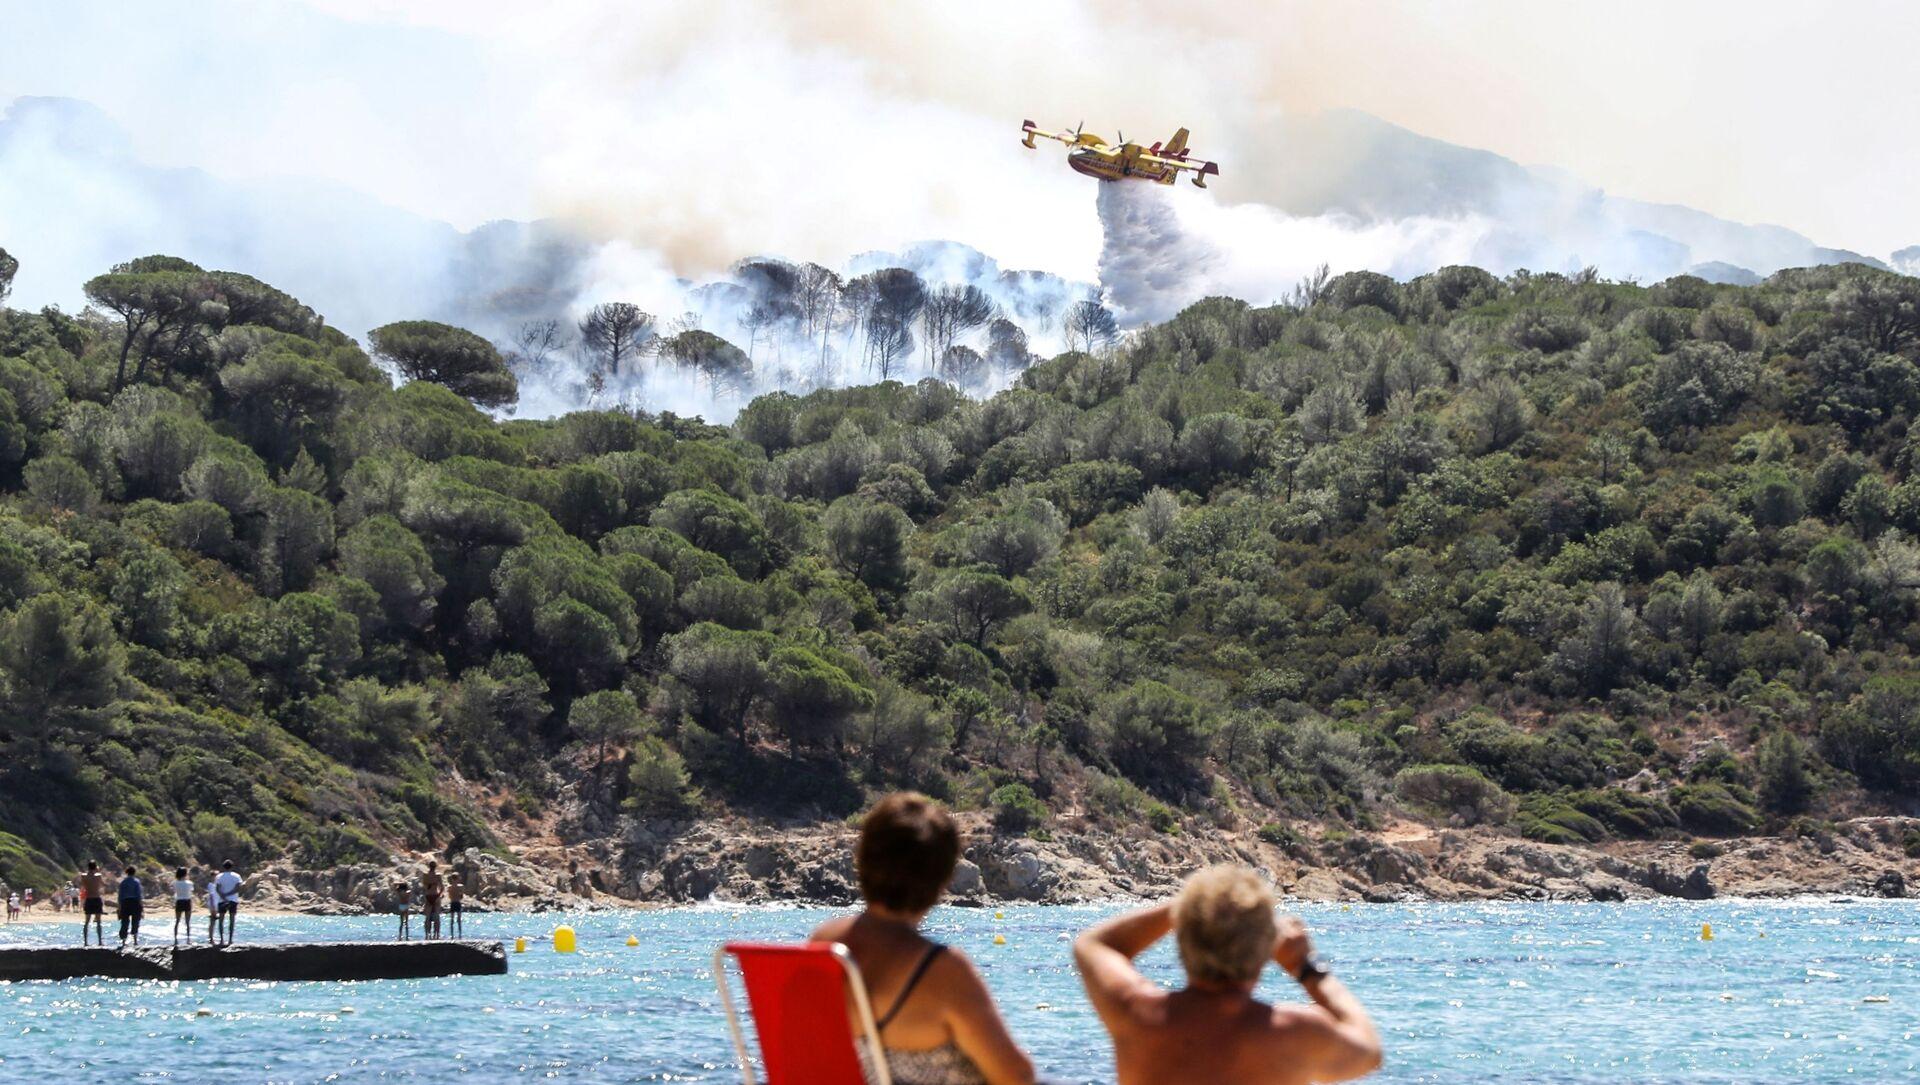 Un Canadair à Saint-Tropez, ville ravagée par des incendies de forêt, juillet 2017 - Sputnik France, 1920, 25.08.2021